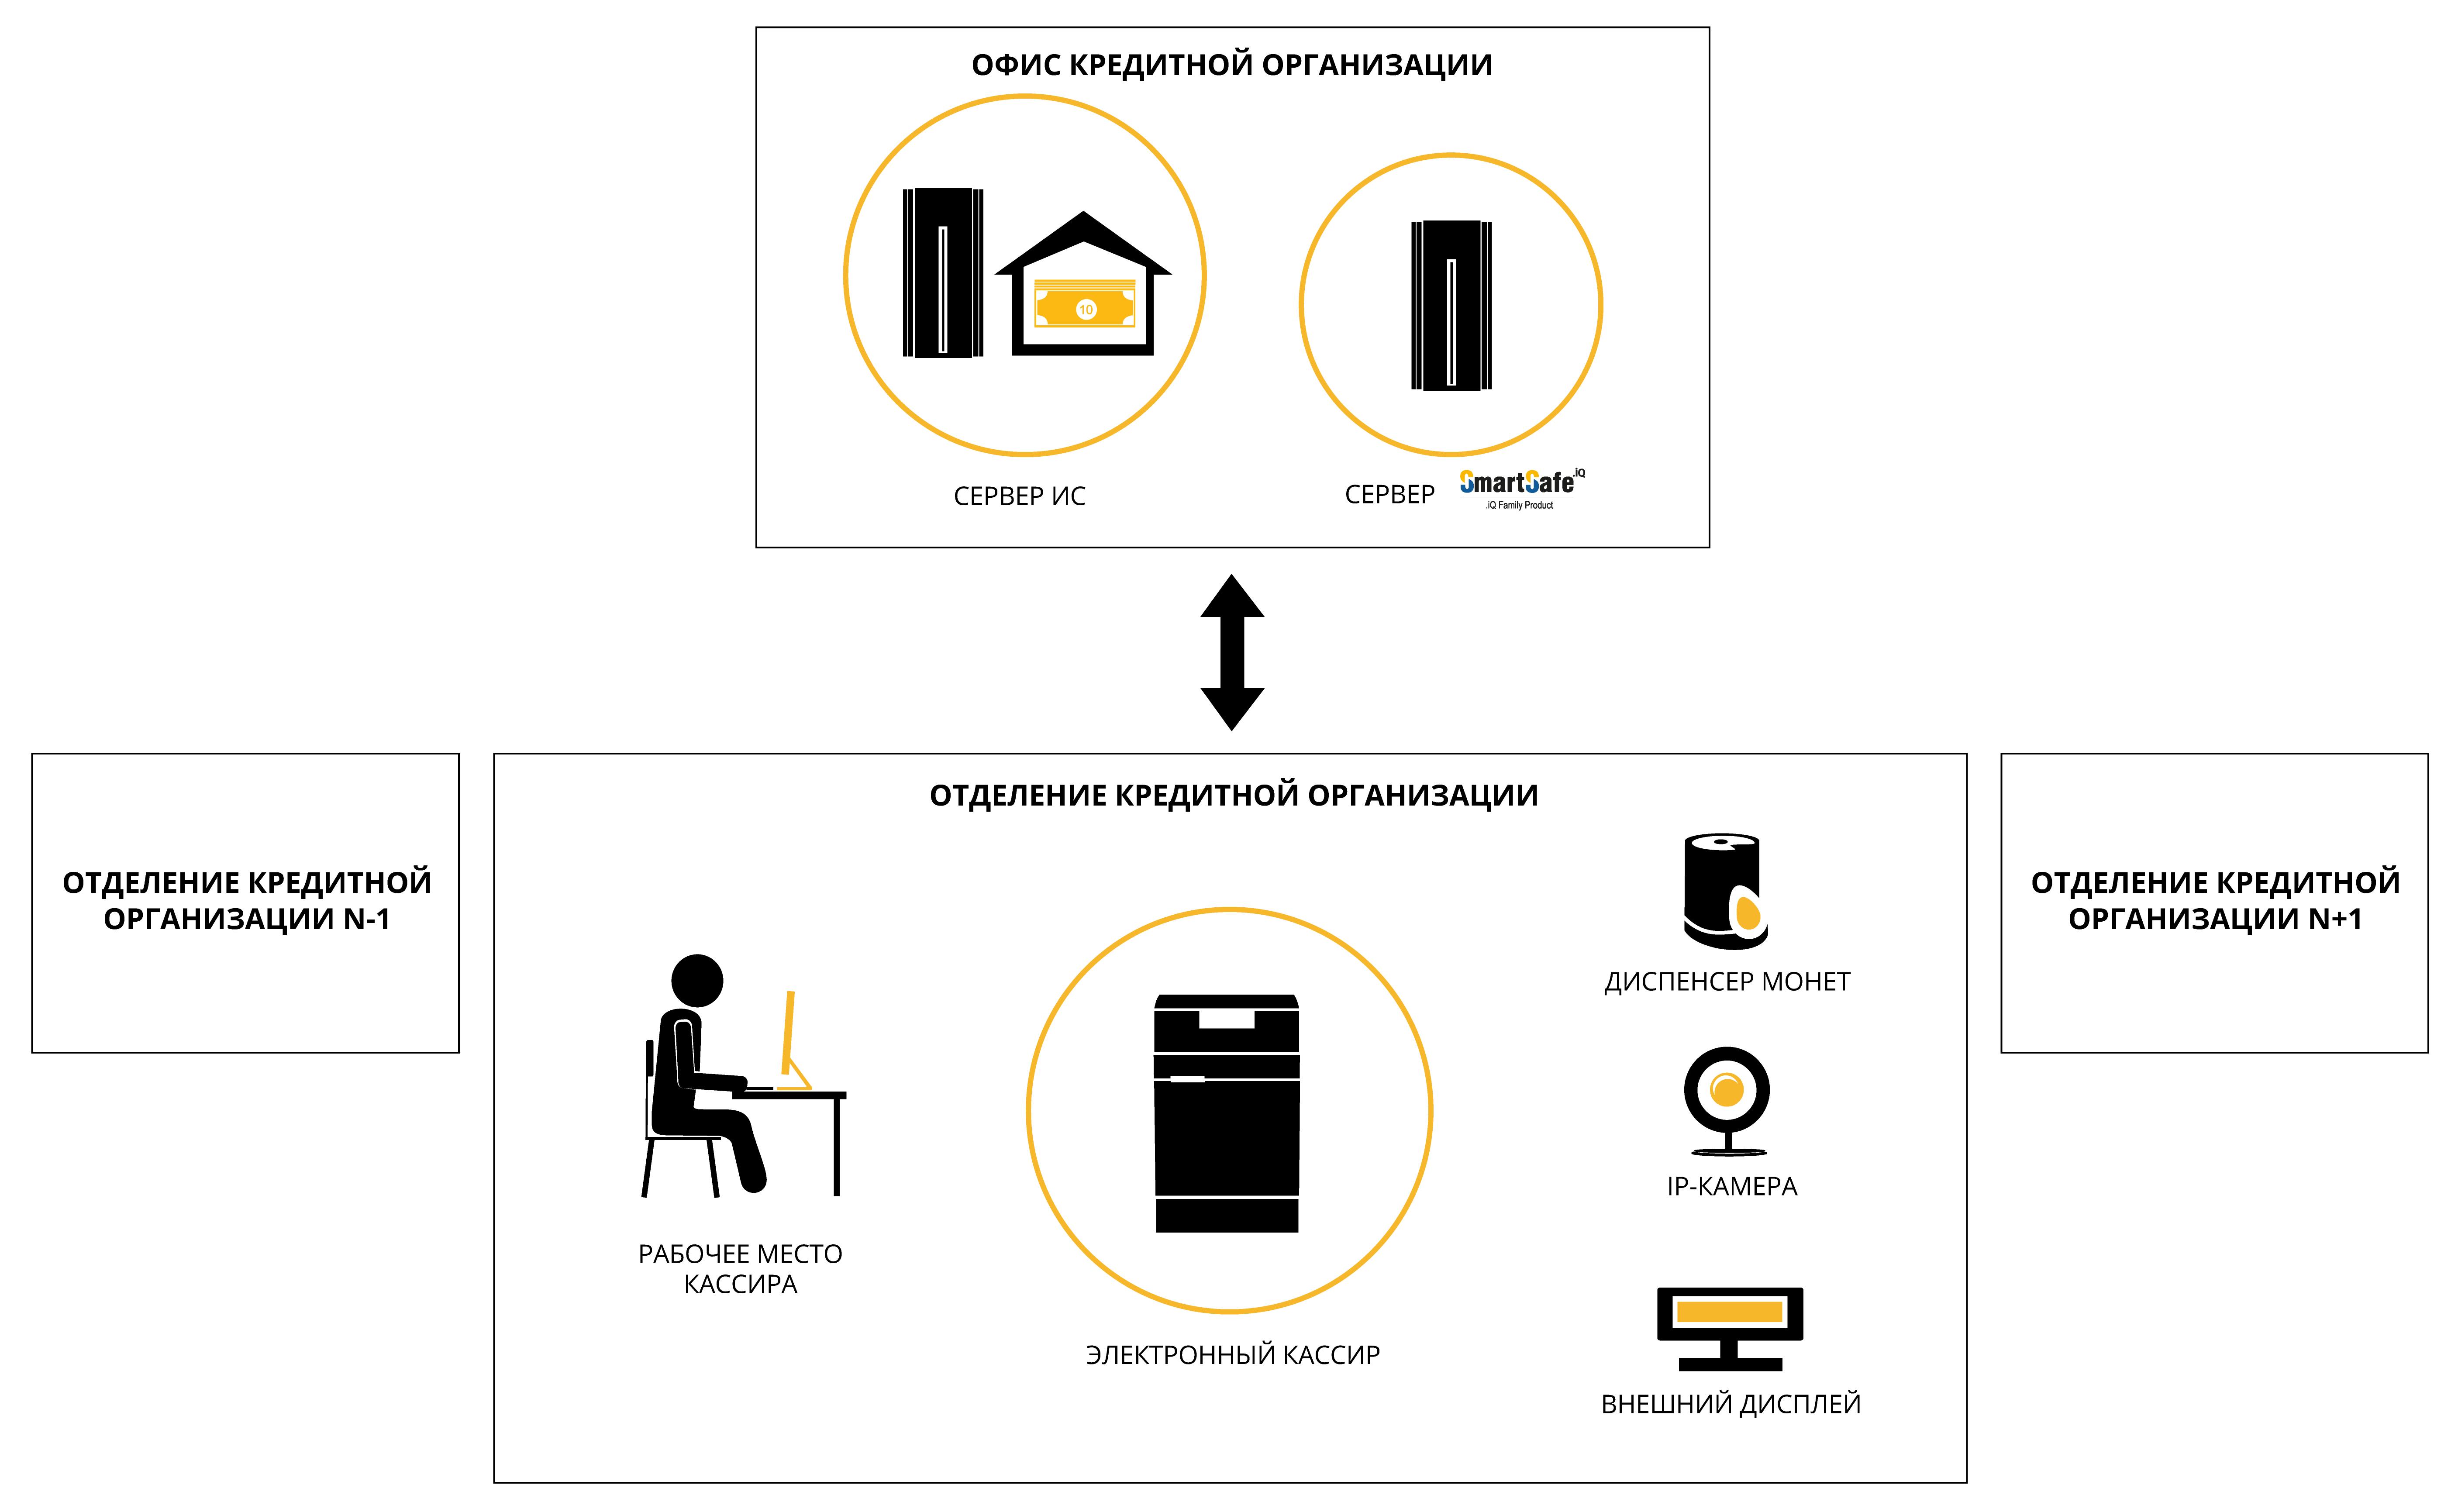 Схема решения электронного кассира для кредитных организаций